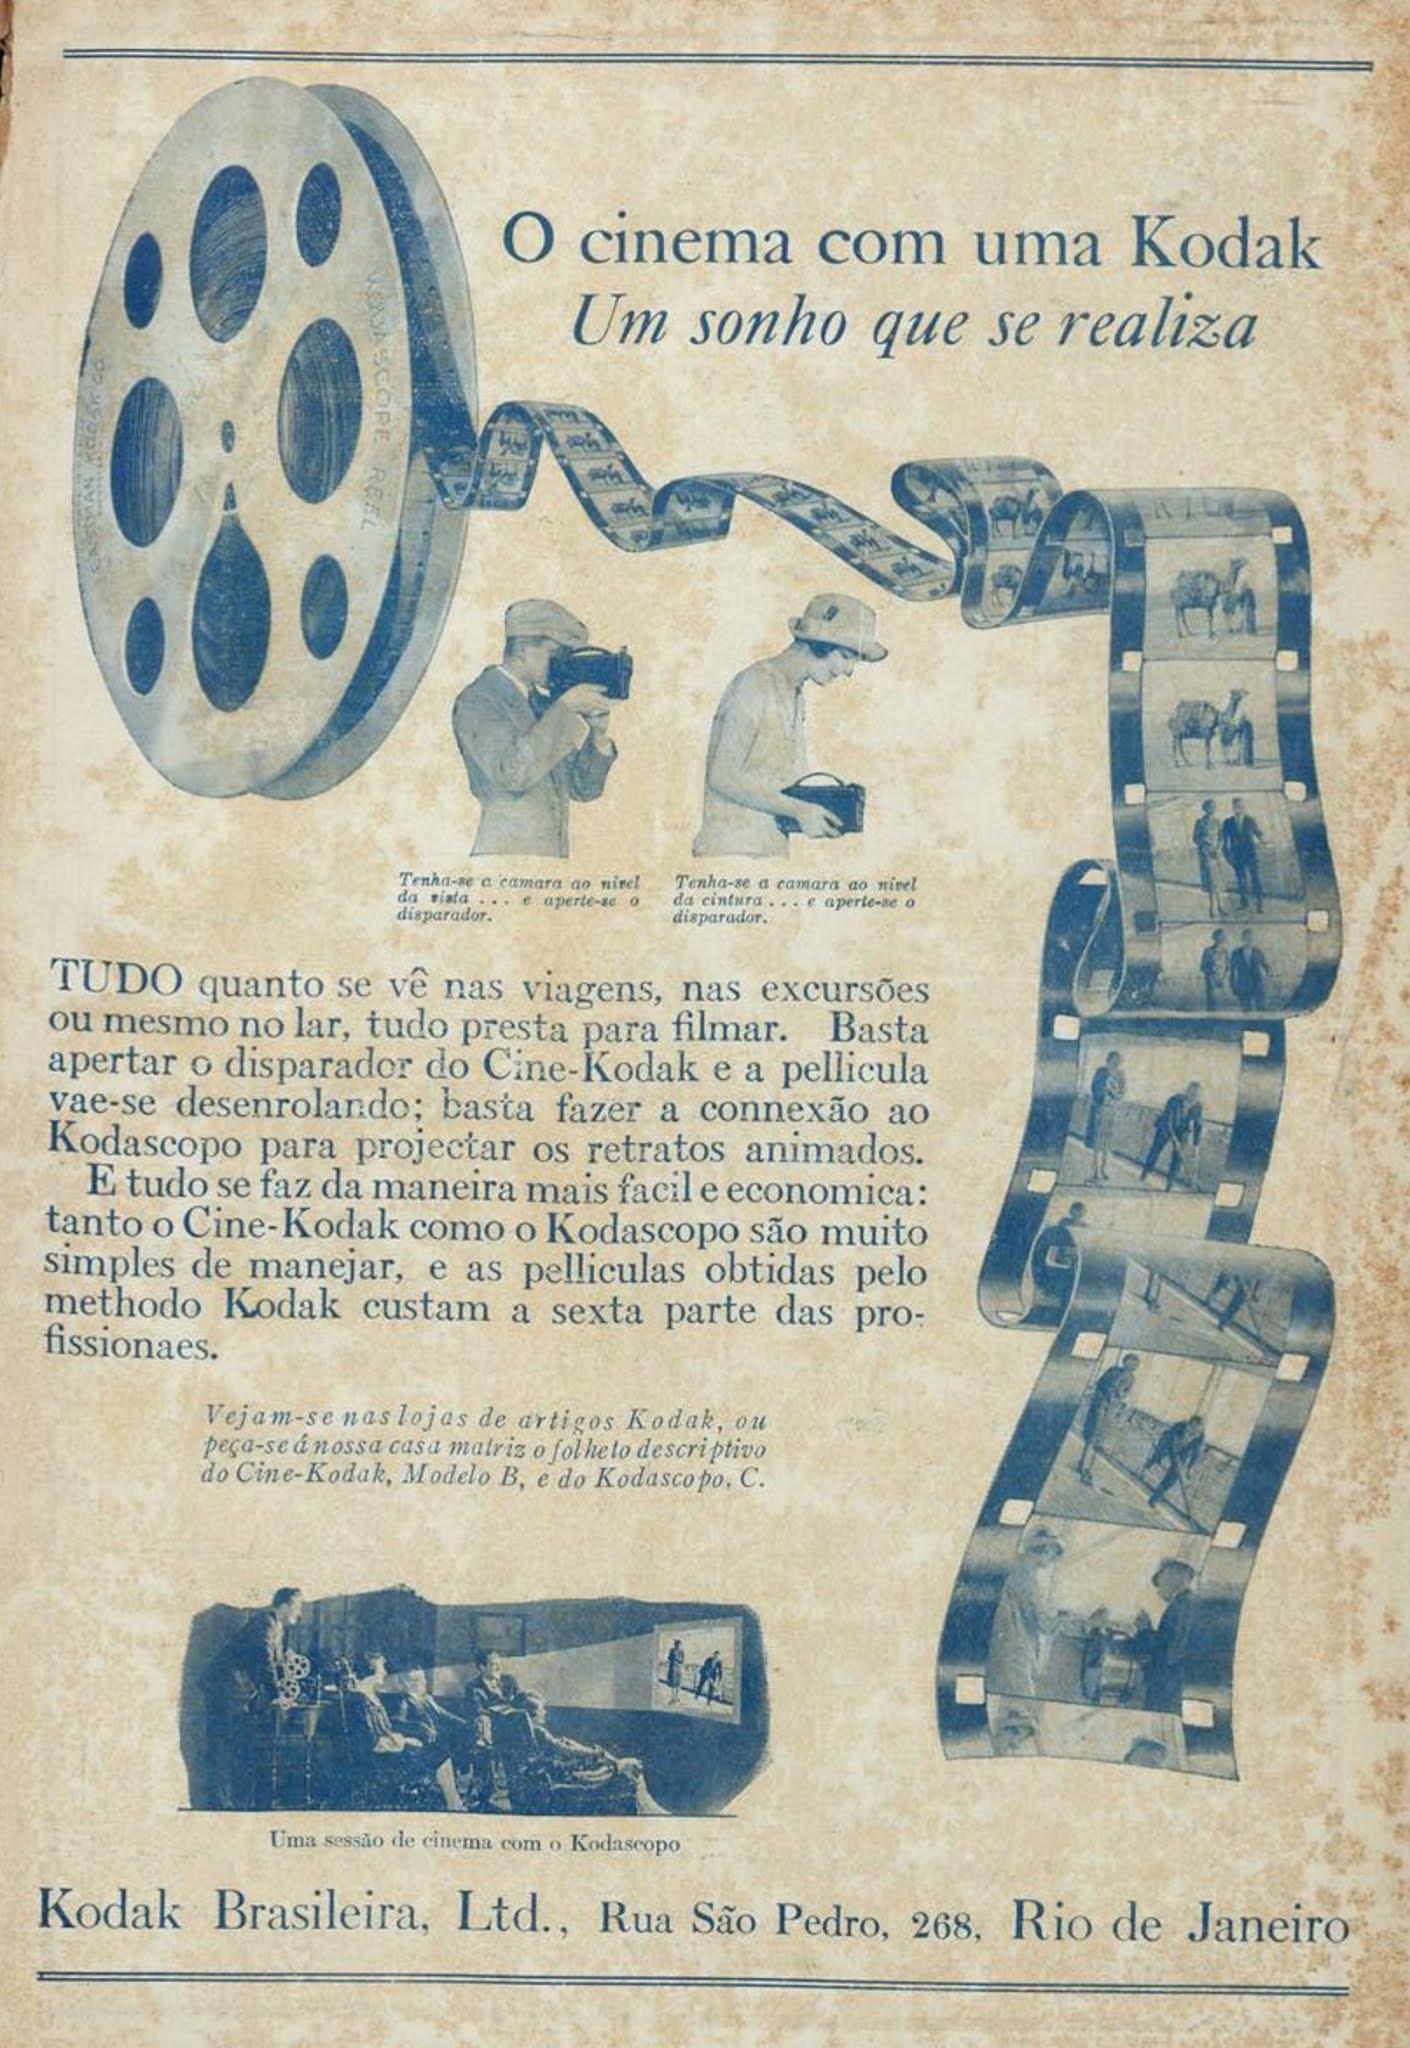 Propaganda antiga da Kodak promovendo sua linha de aparelhos para cinema em casa